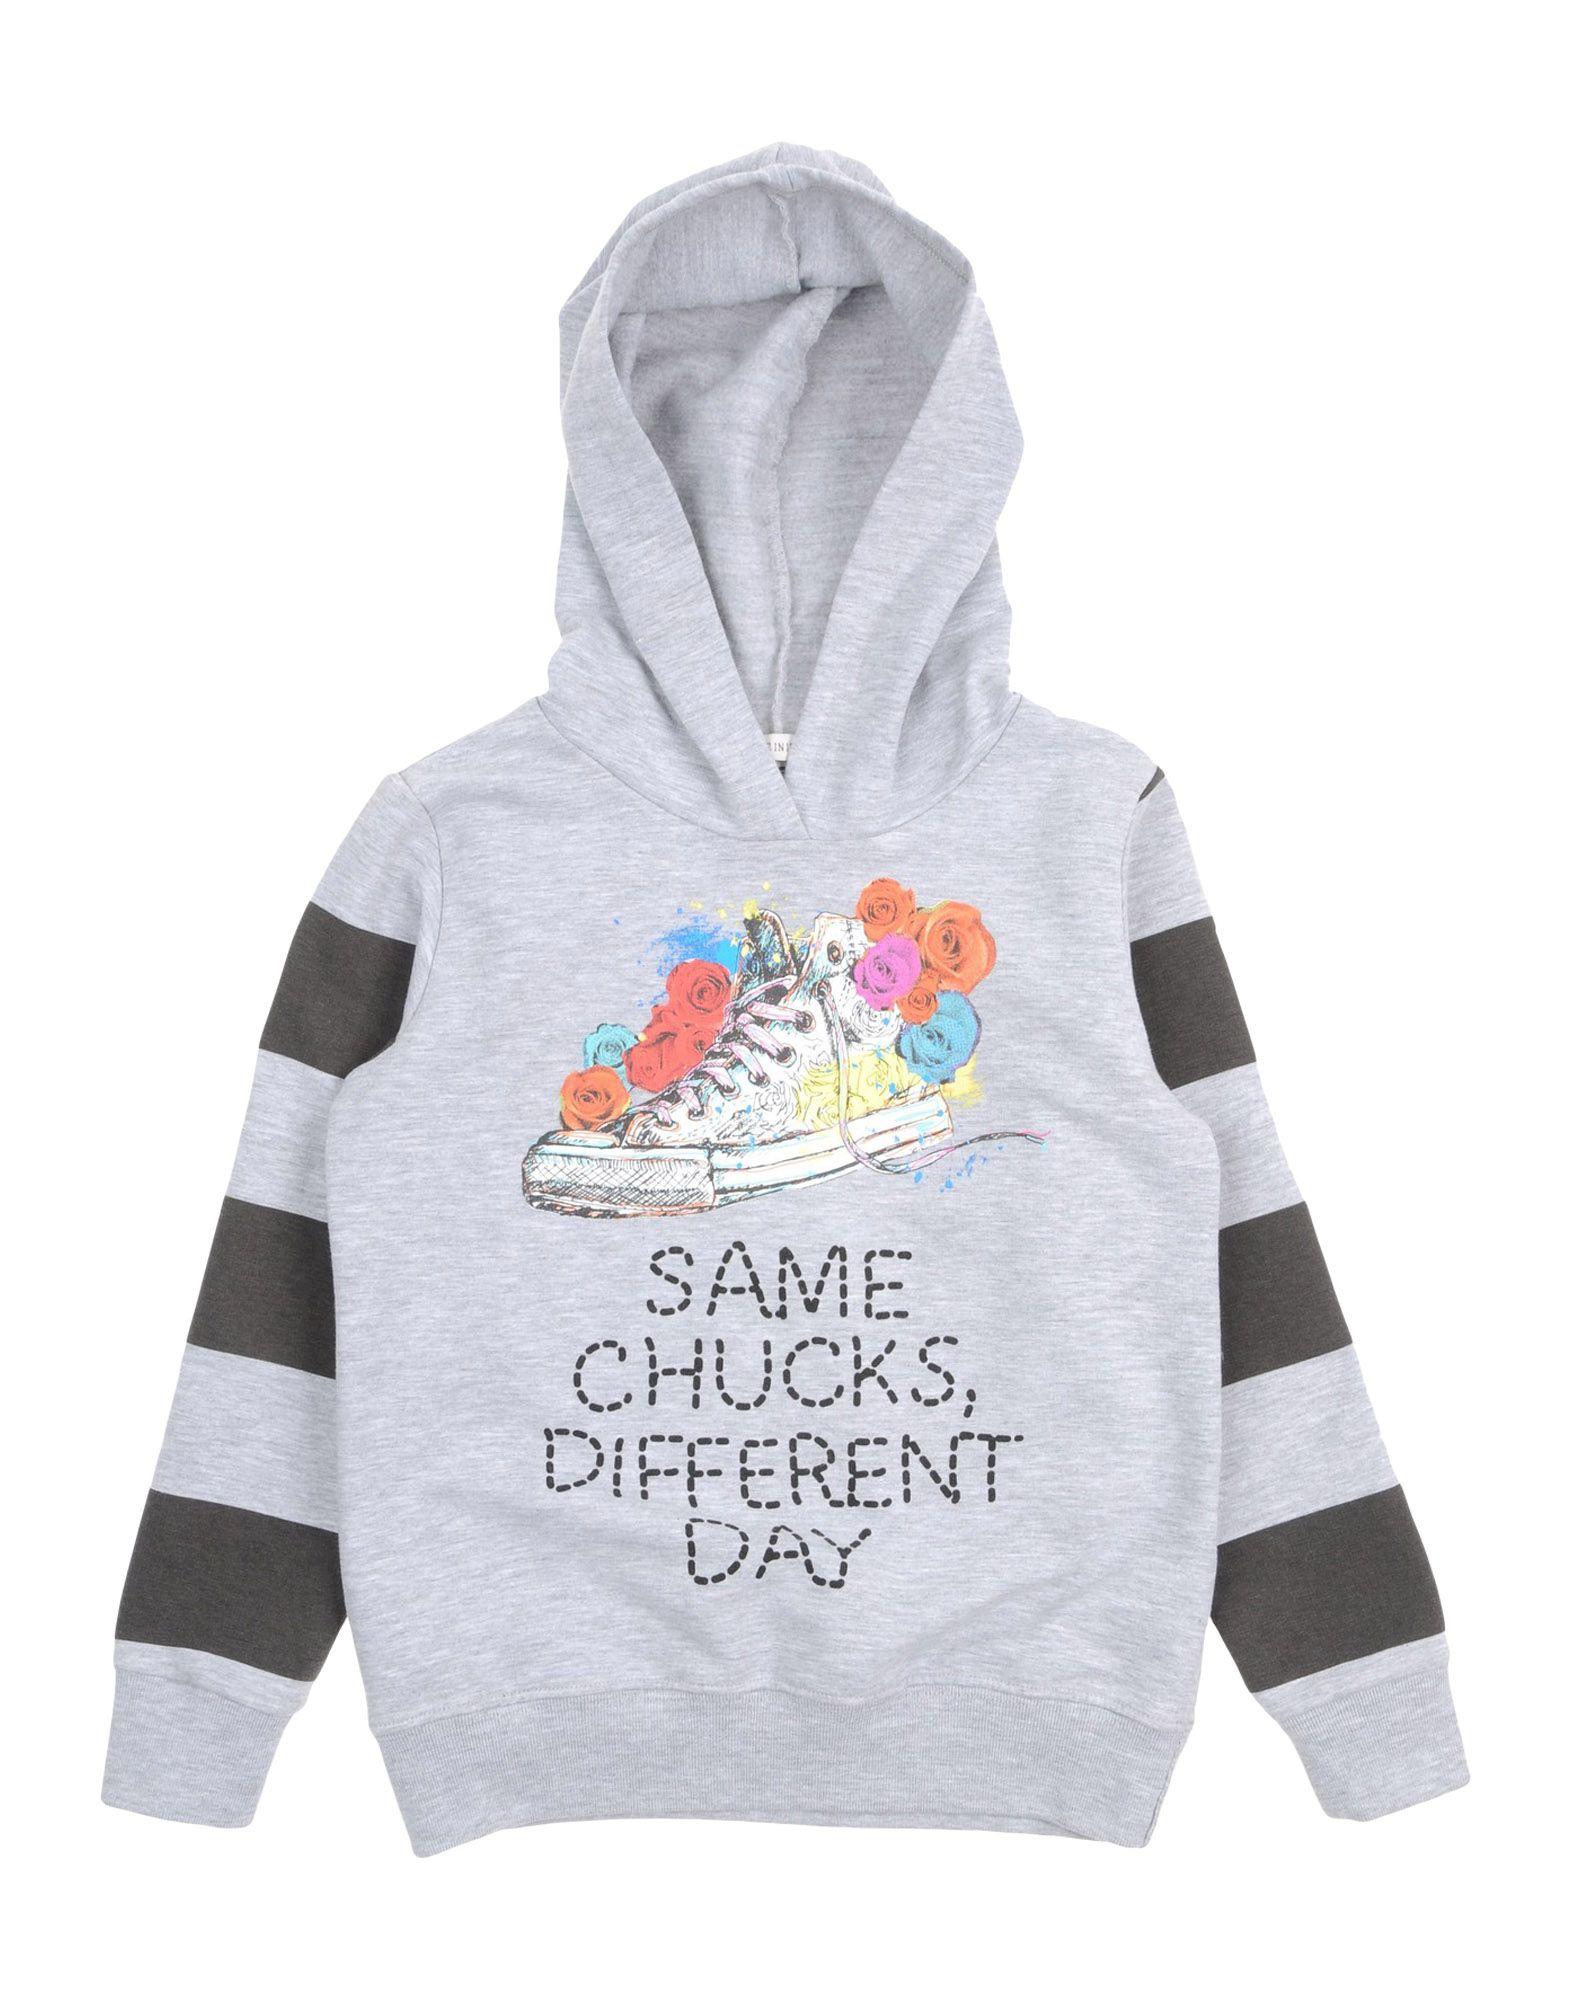 CONVERSE ALL STAR Mädchen 3-8 jahre Sweatshirt Farbe Grau Größe 4